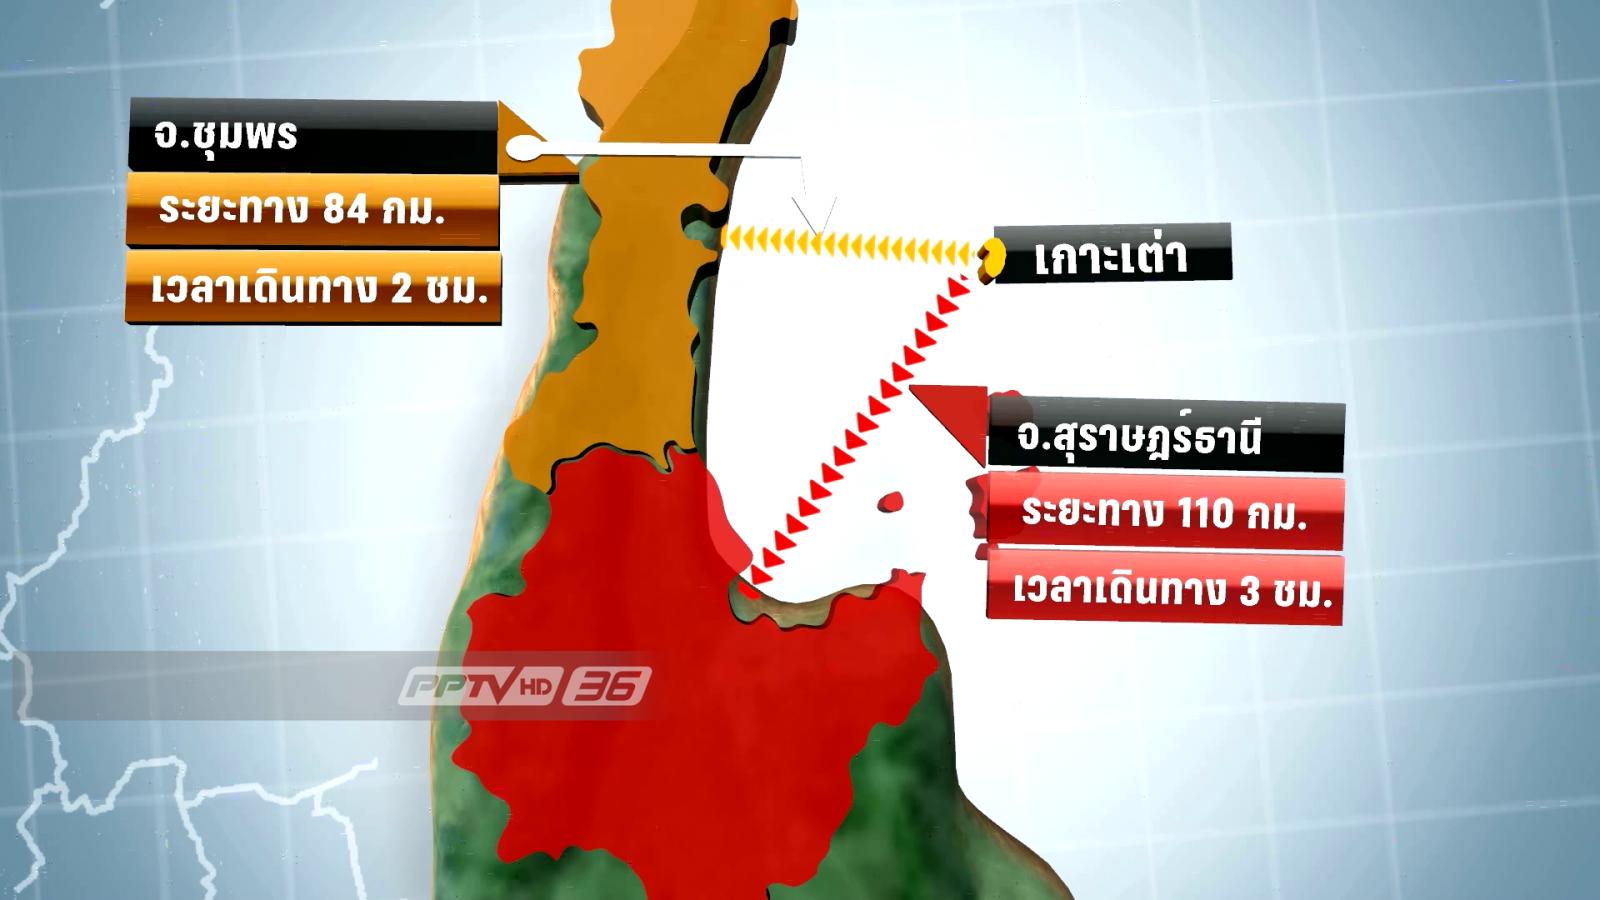 เกาะเต่าเตรียมแผนฉุกเฉินสำรองกรณีถูกตัดขาดจากโลกภายนอก